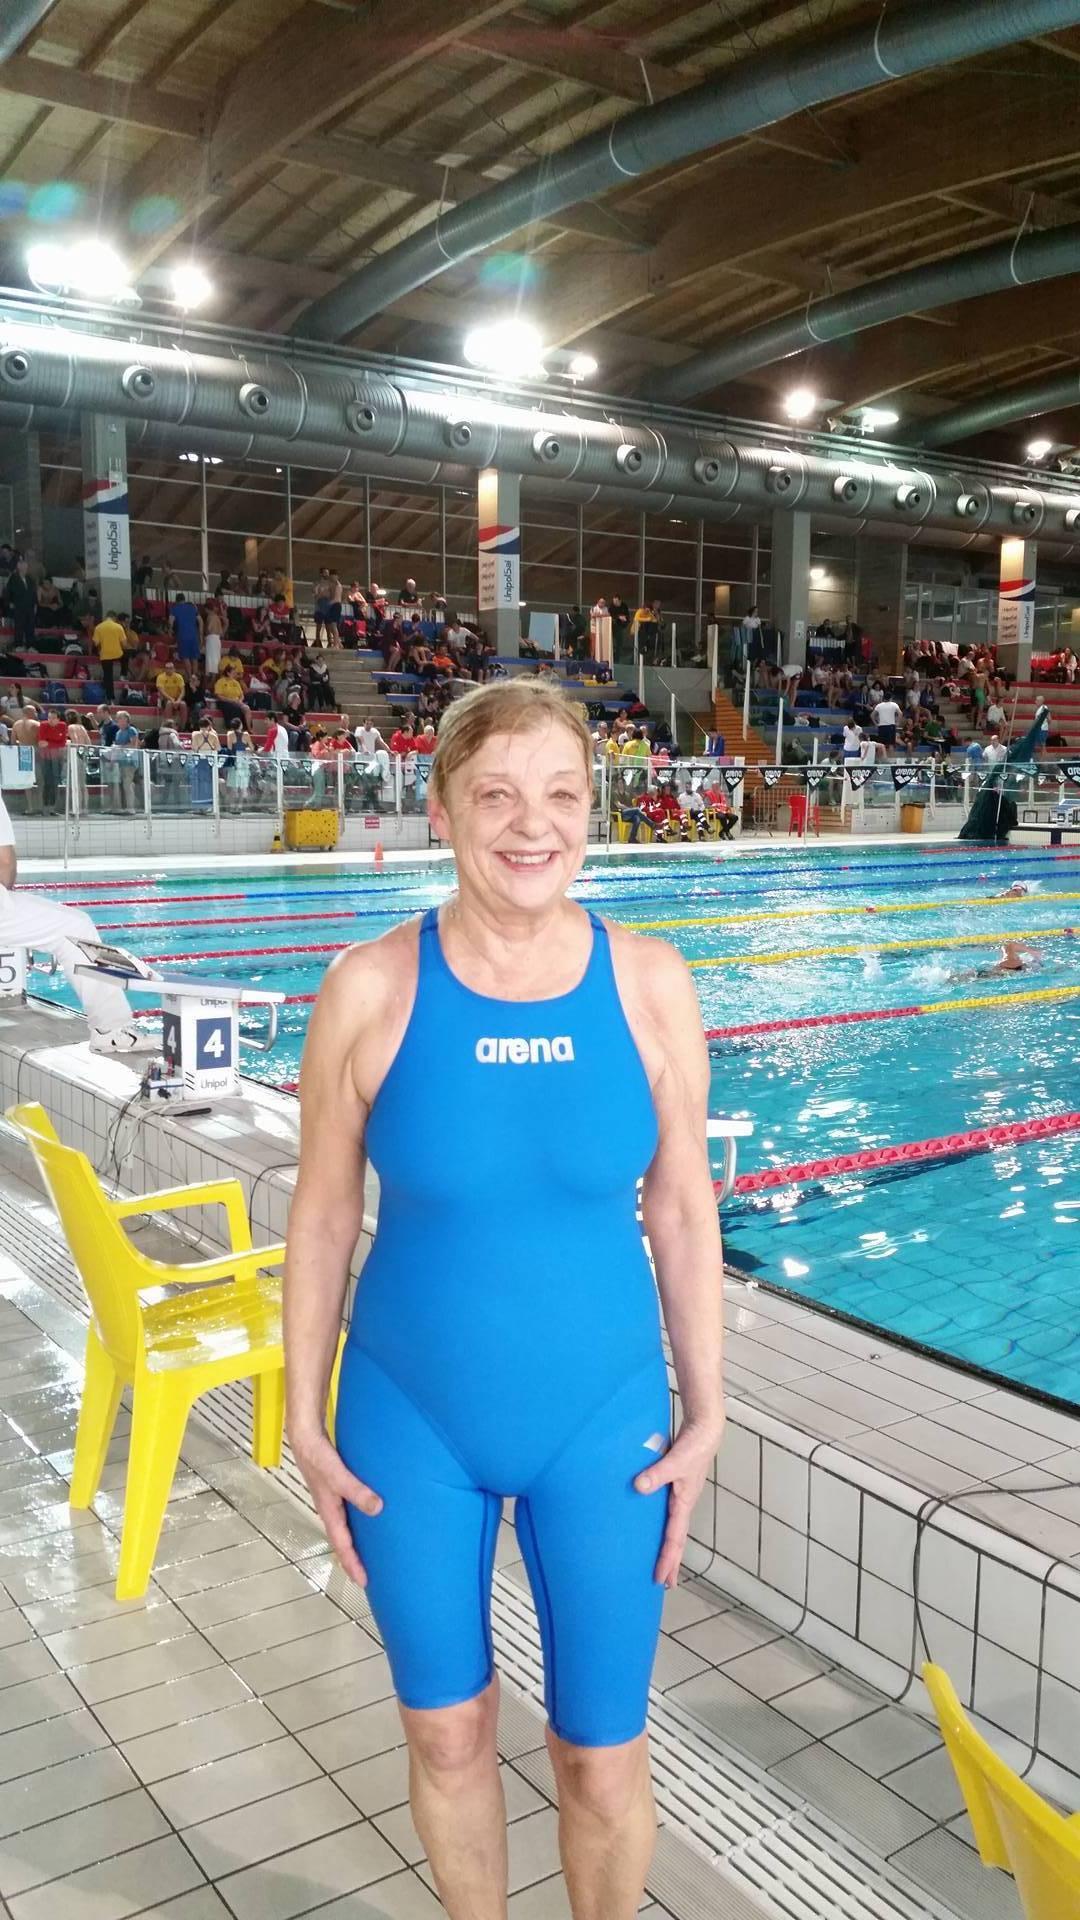 Monika Breetsch centra il record italiano negli 800 stile libero M70 (13'56''65) polverizzando un tempo che resisteva da 4 anni